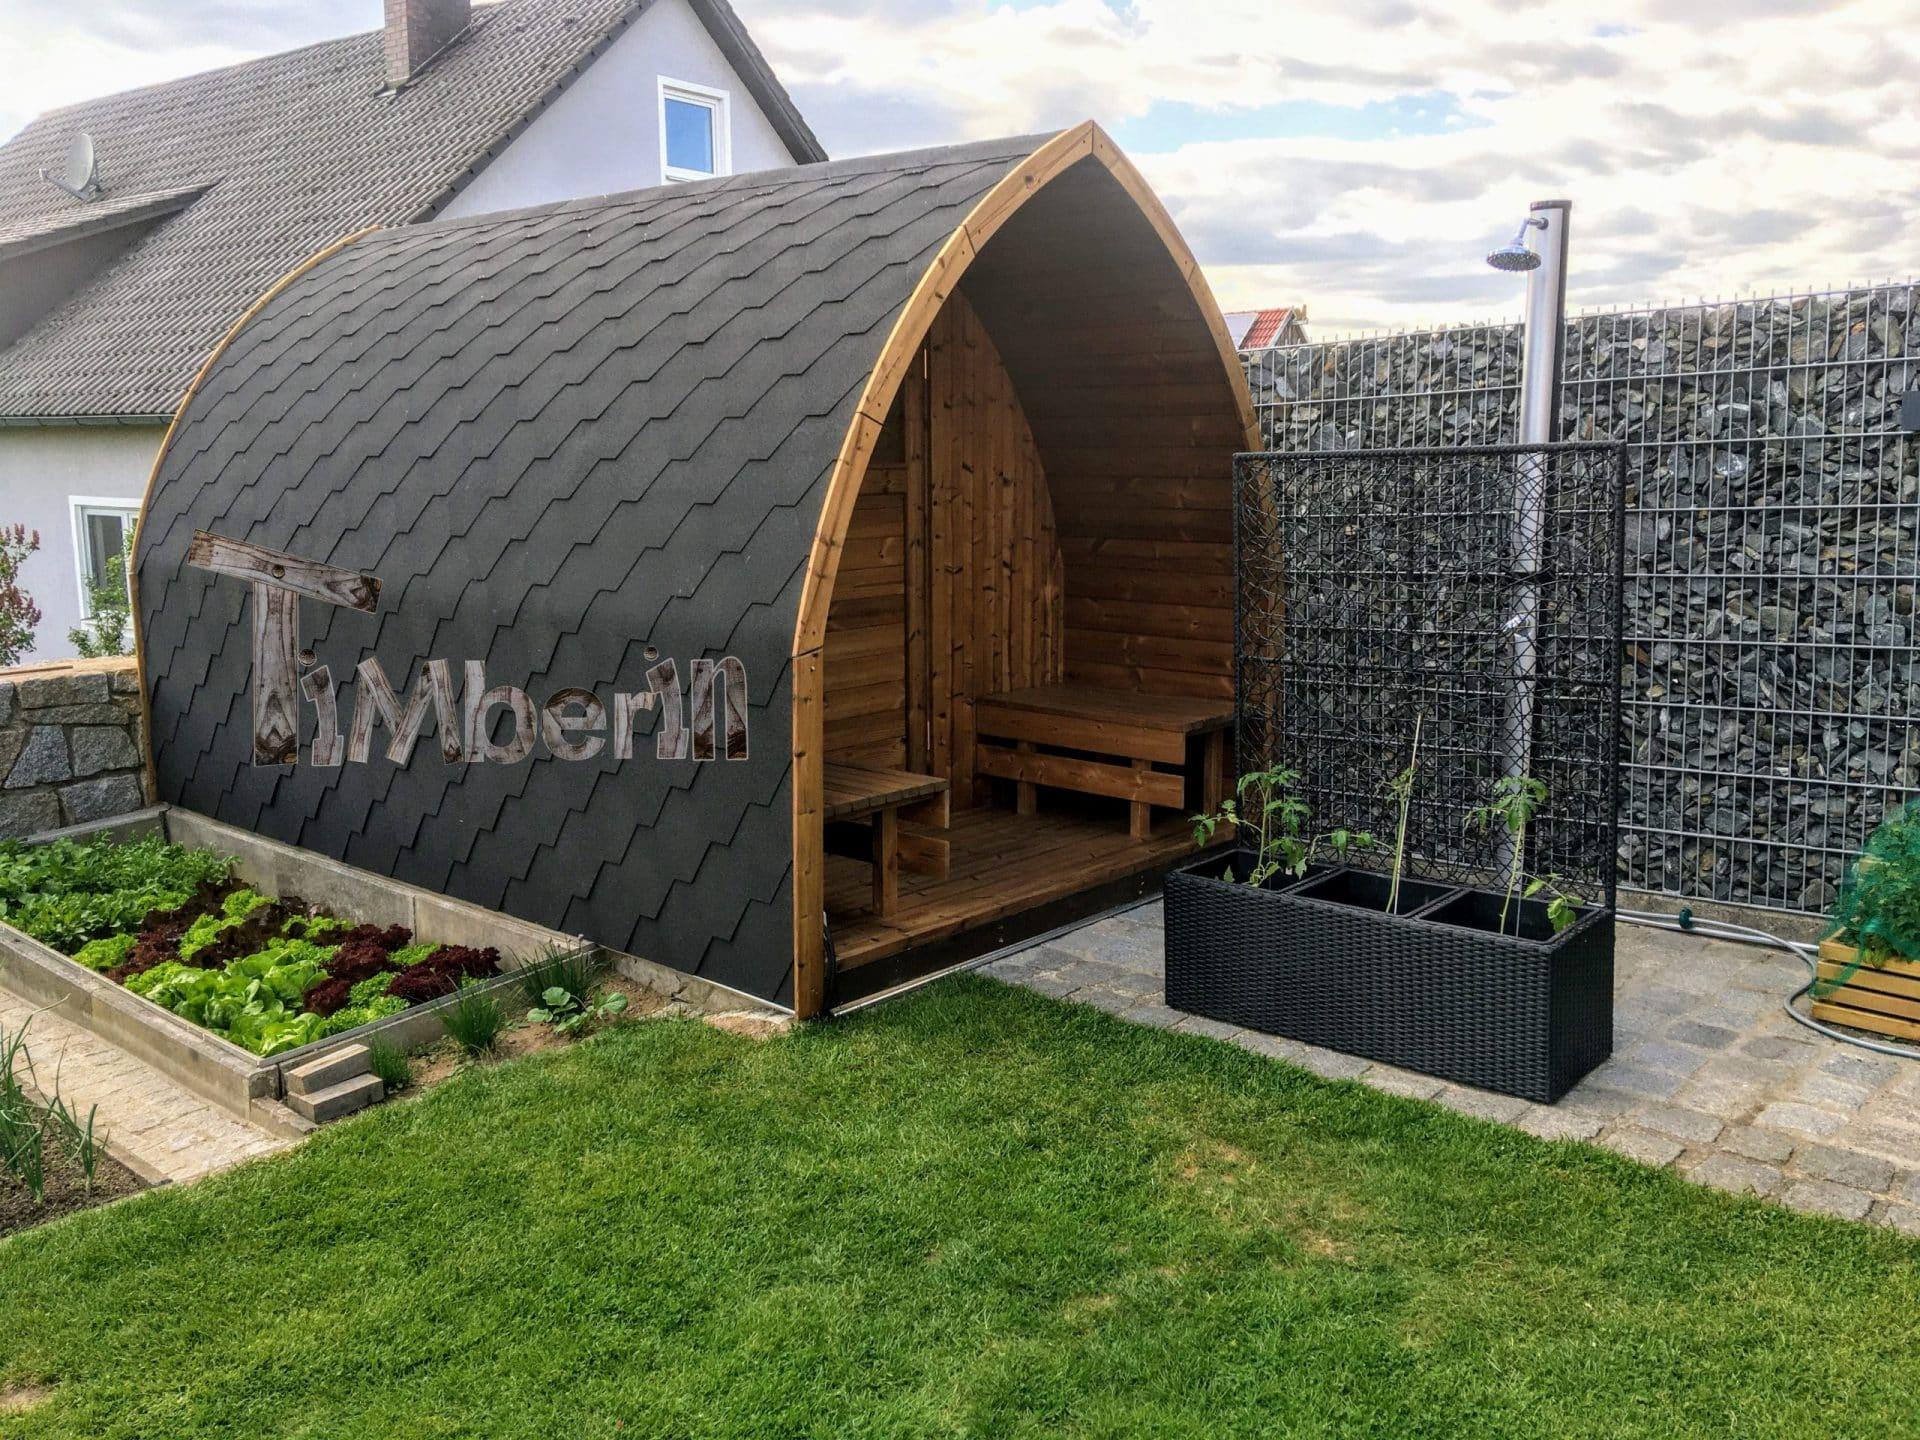 Außensauna Gartensauna Iglu Pod mit Holzofen Elektrisch 2 4 scaled